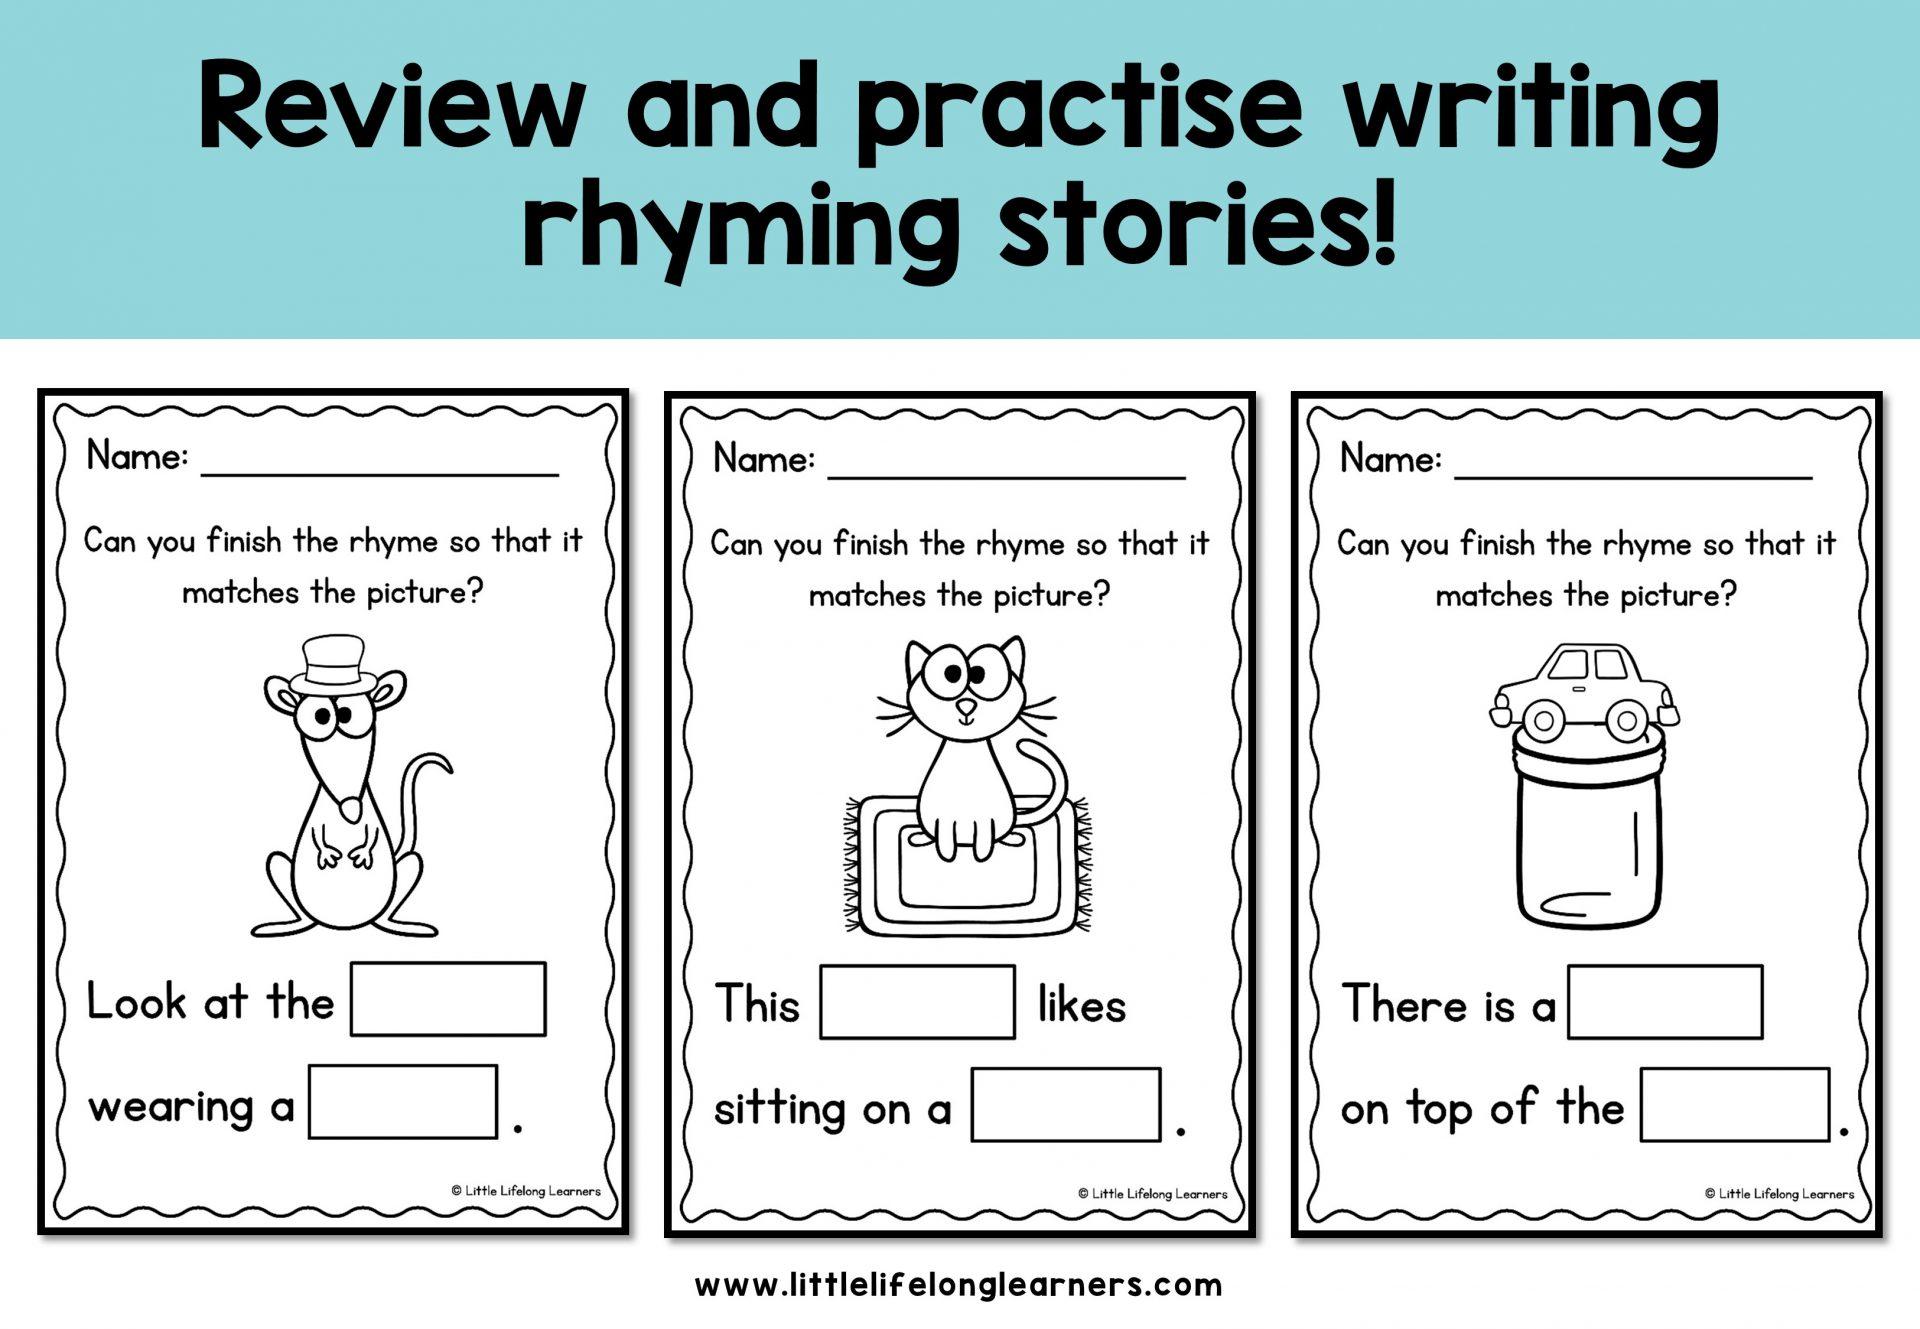 Rhyming Stories